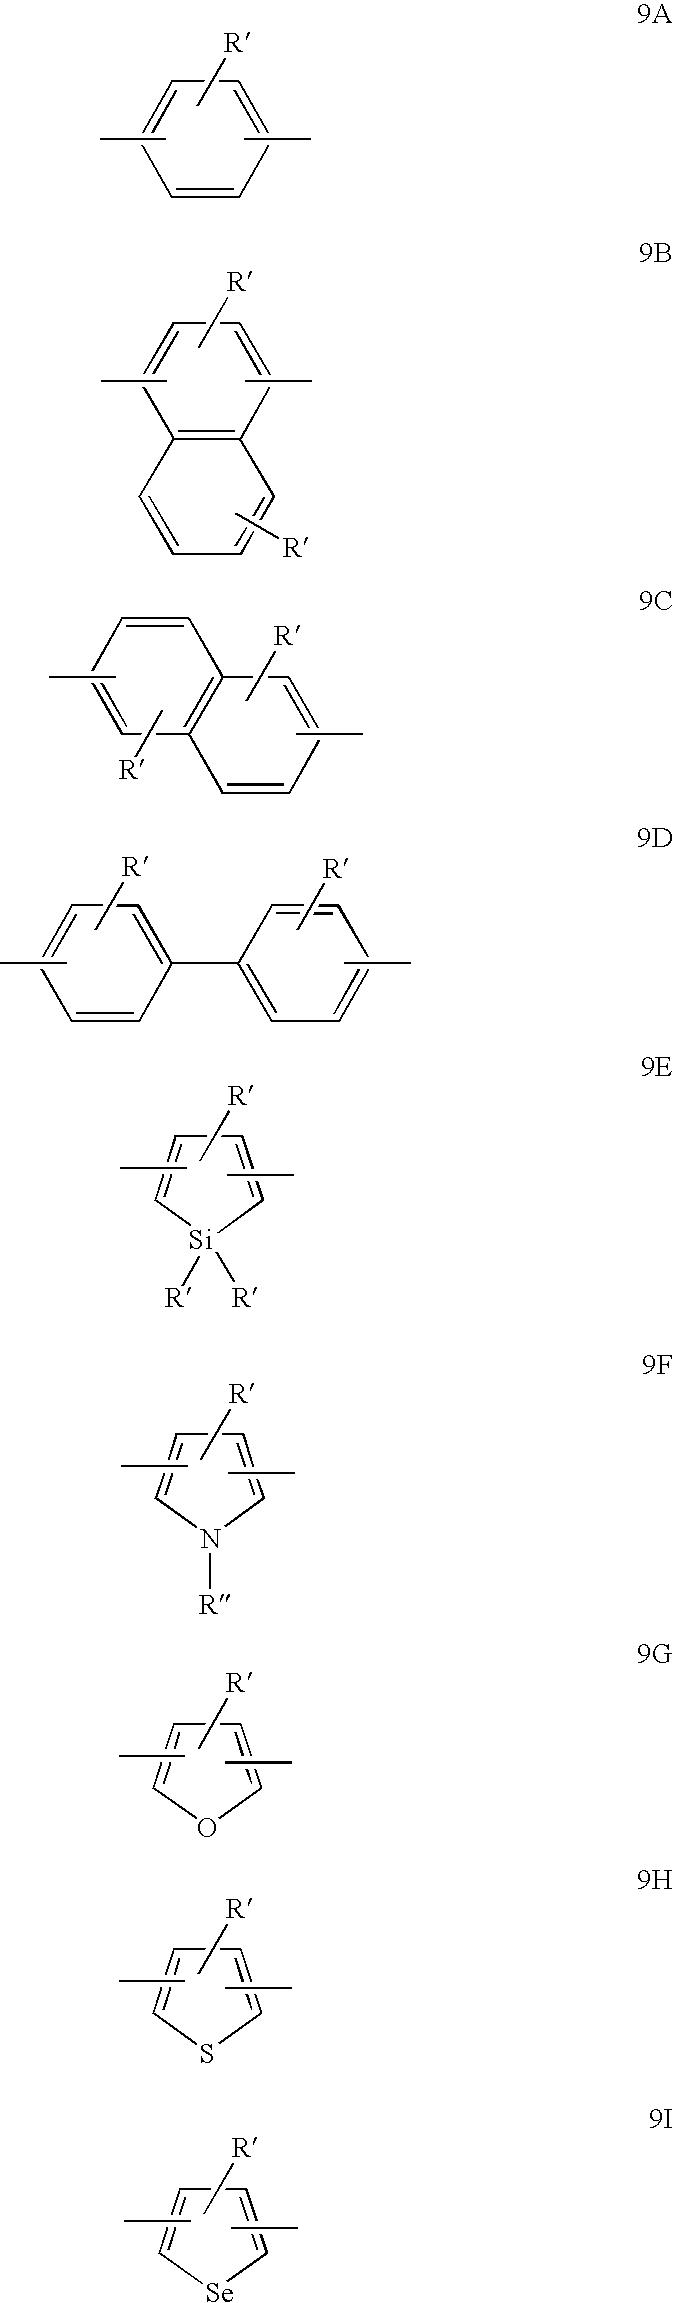 Figure US07875367-20110125-C00046